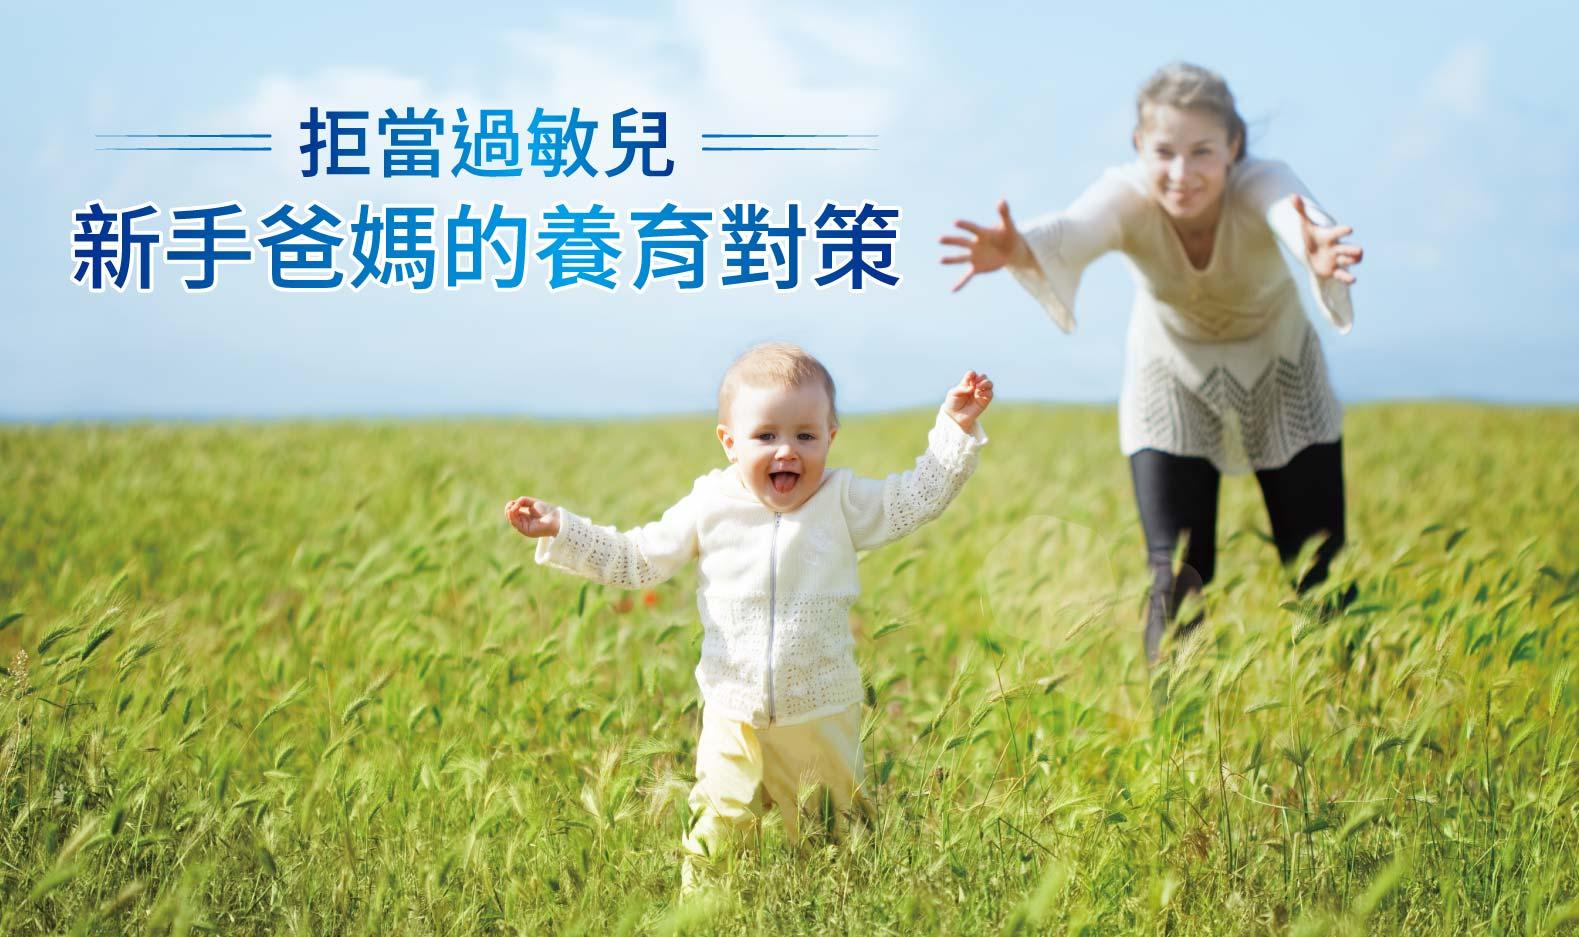 拒當過敏兒,新手爸媽的養育對策